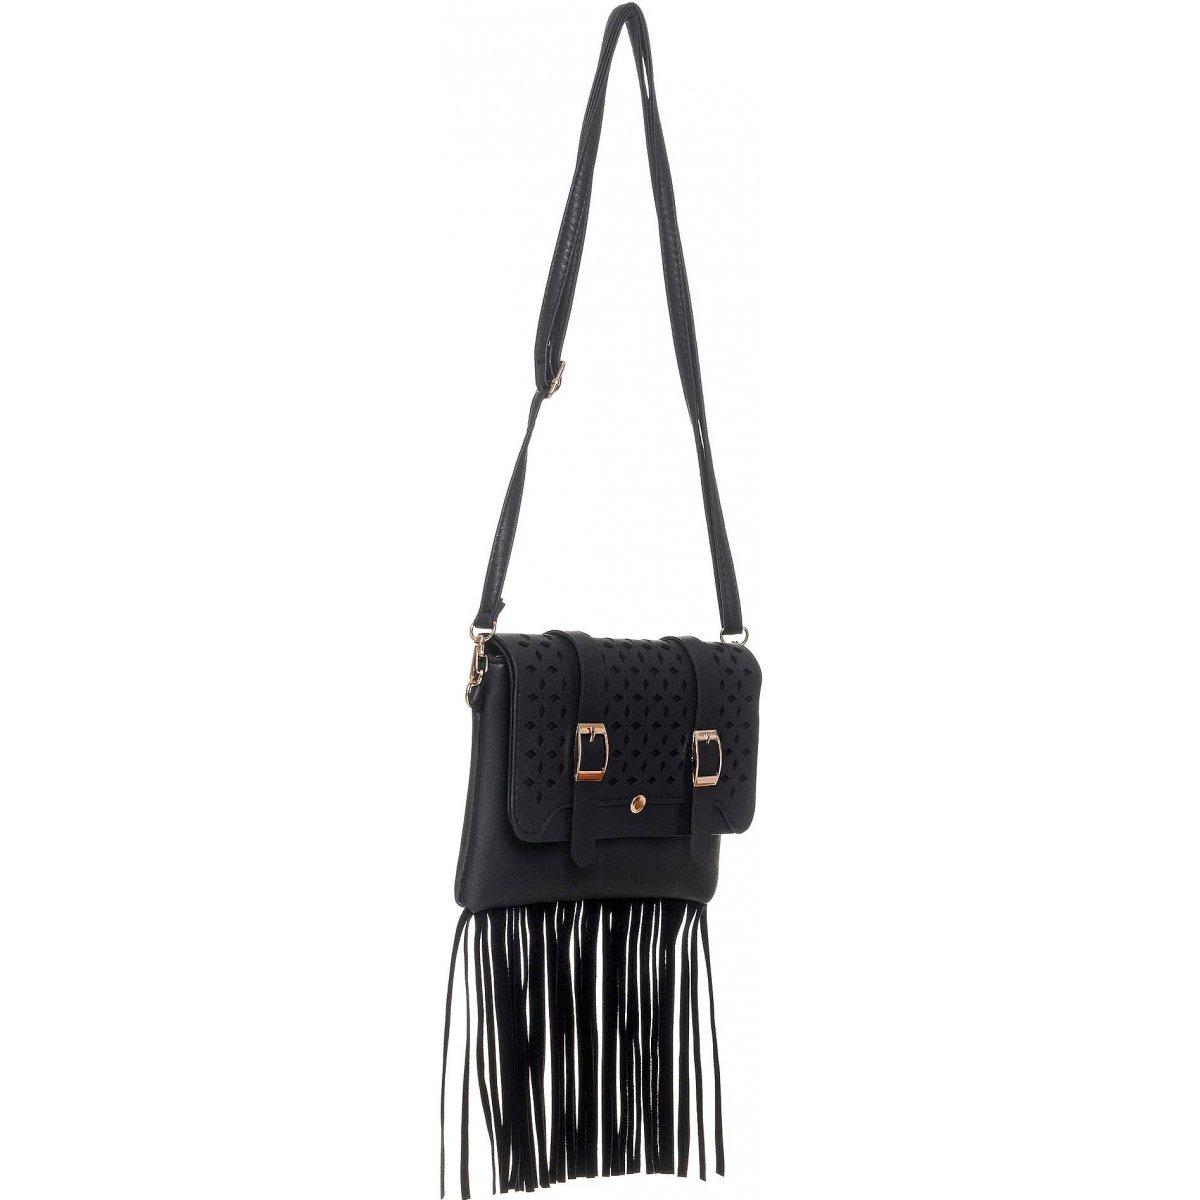 sac pochette bandouli re les sacs de krlot fk161042 couleur principale 5. Black Bedroom Furniture Sets. Home Design Ideas